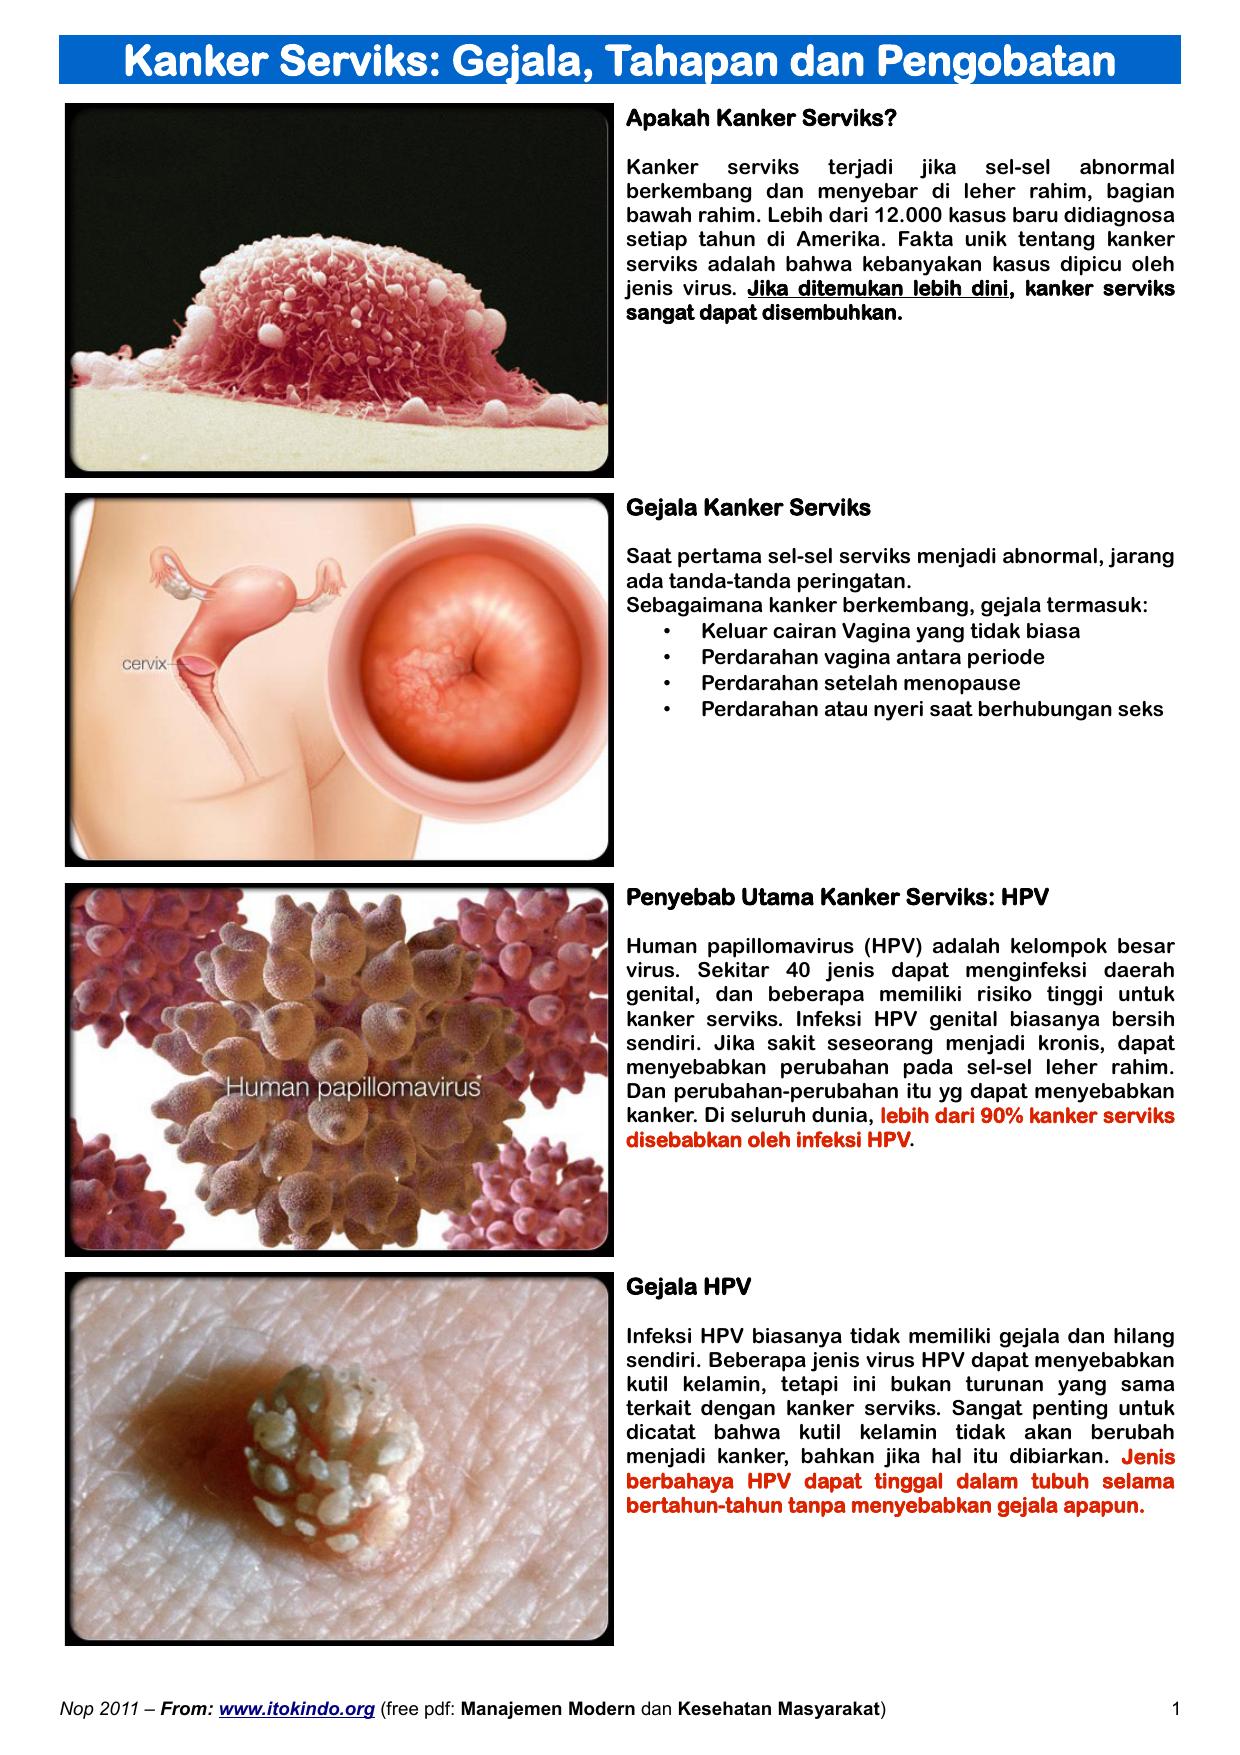 papillomavirus adalah